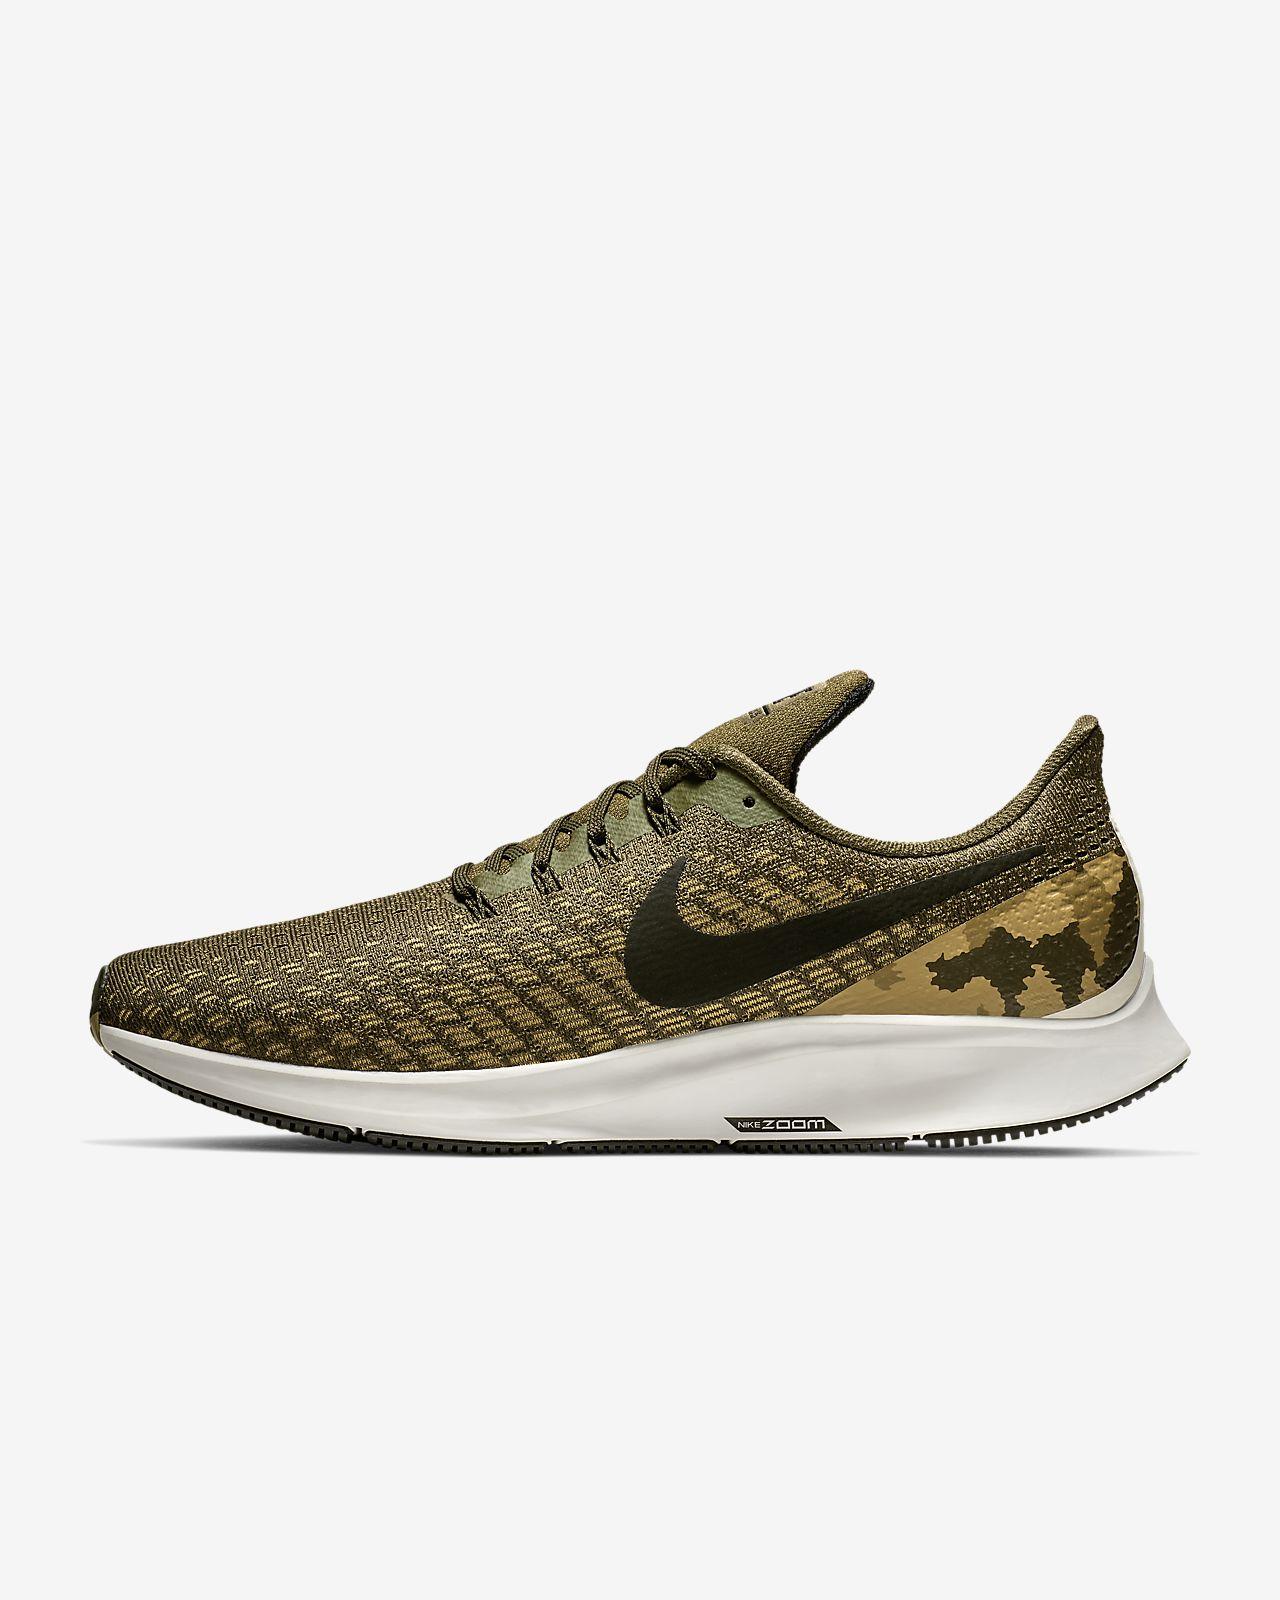 Nike Air Zoom Pegasus 35 Zapatillas de running de camuflaje - Hombre ... 6ece513719202